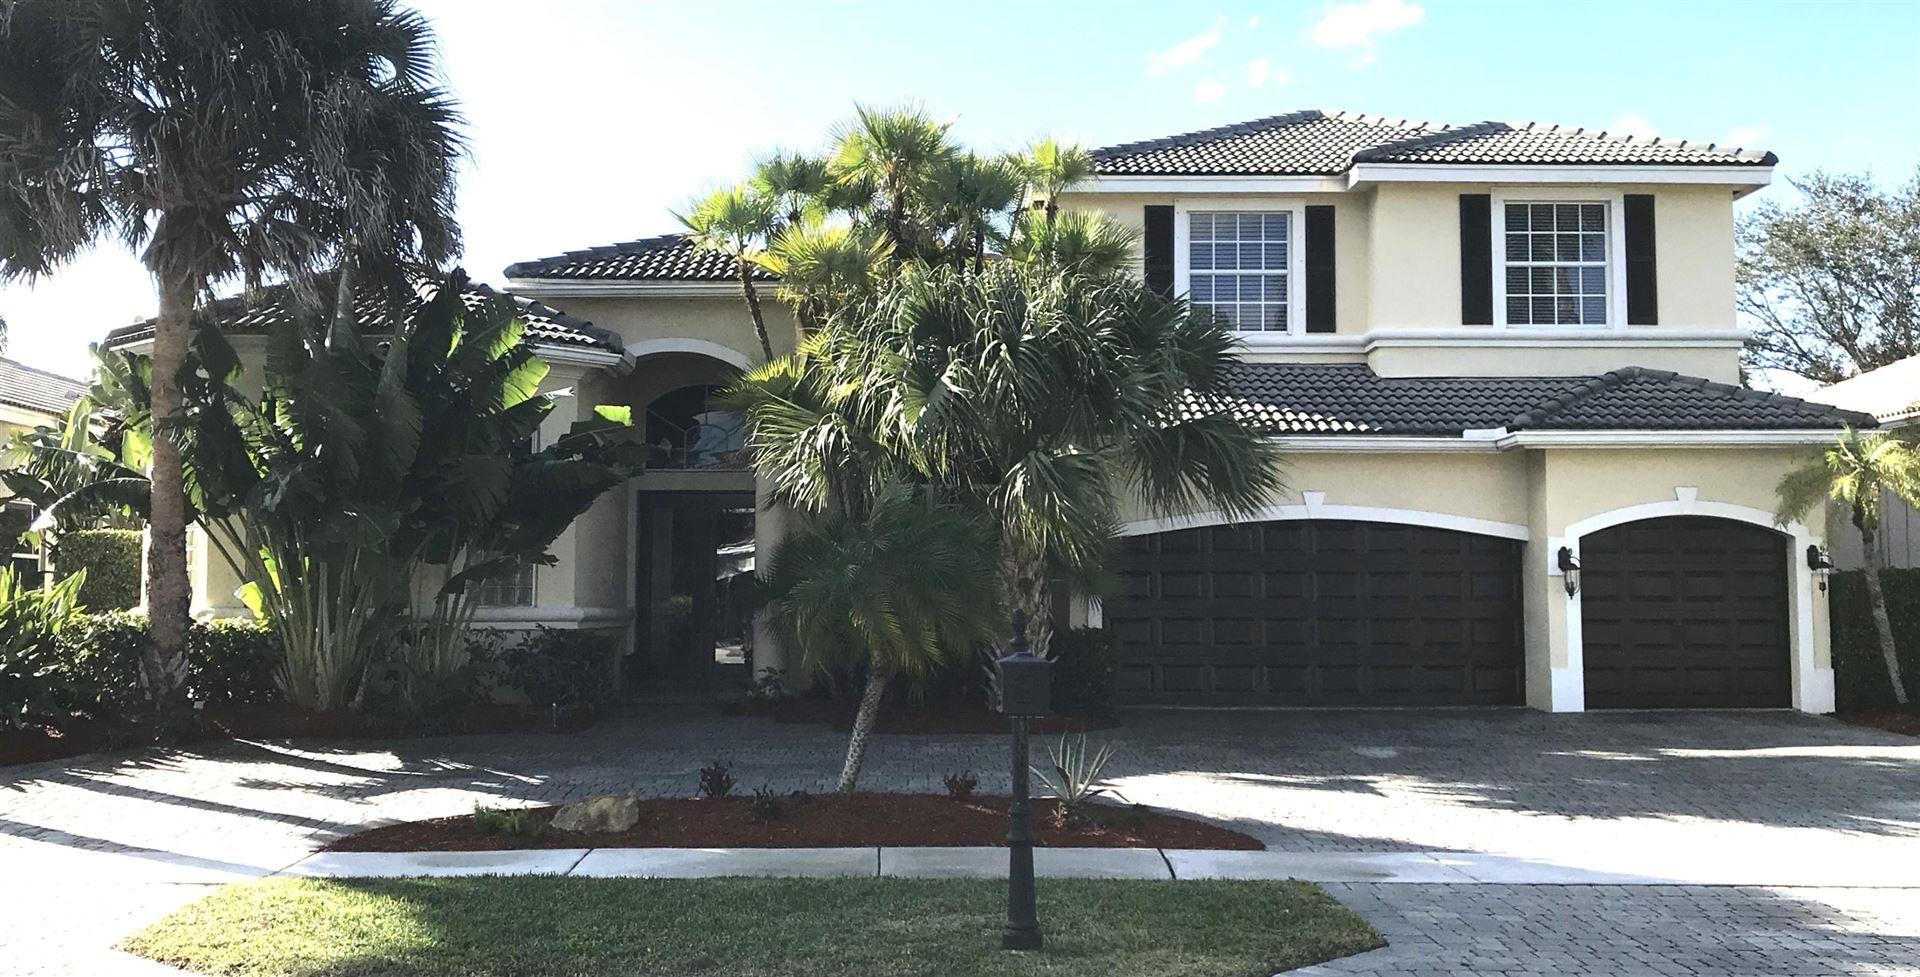 9544 Parkview Avenue, Boca Raton, FL 33428 - #: RX-10587152